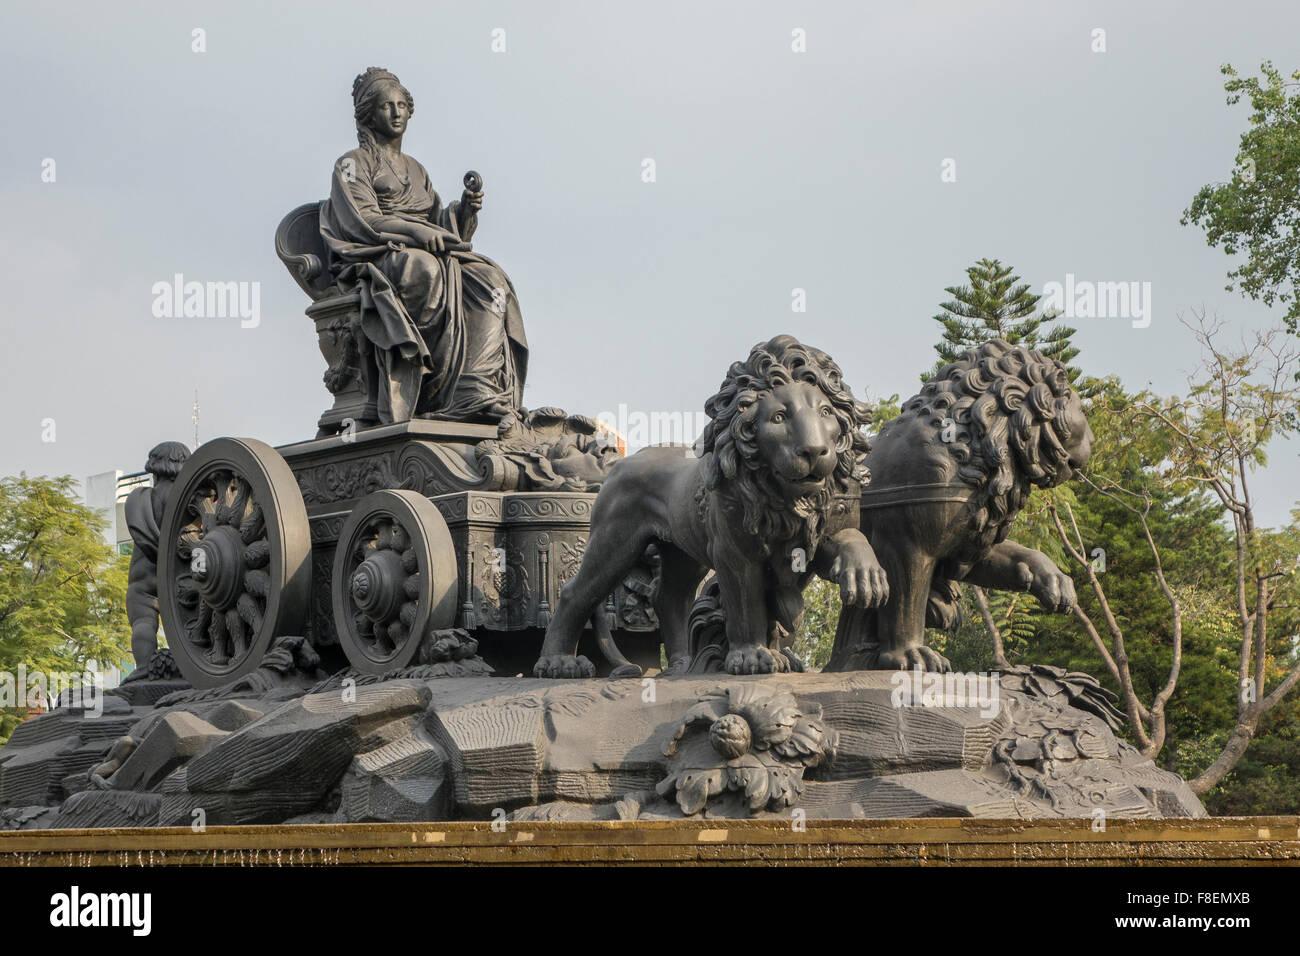 Mexico. Mexico City. Fuente de Cibeles fountain - Stock Image